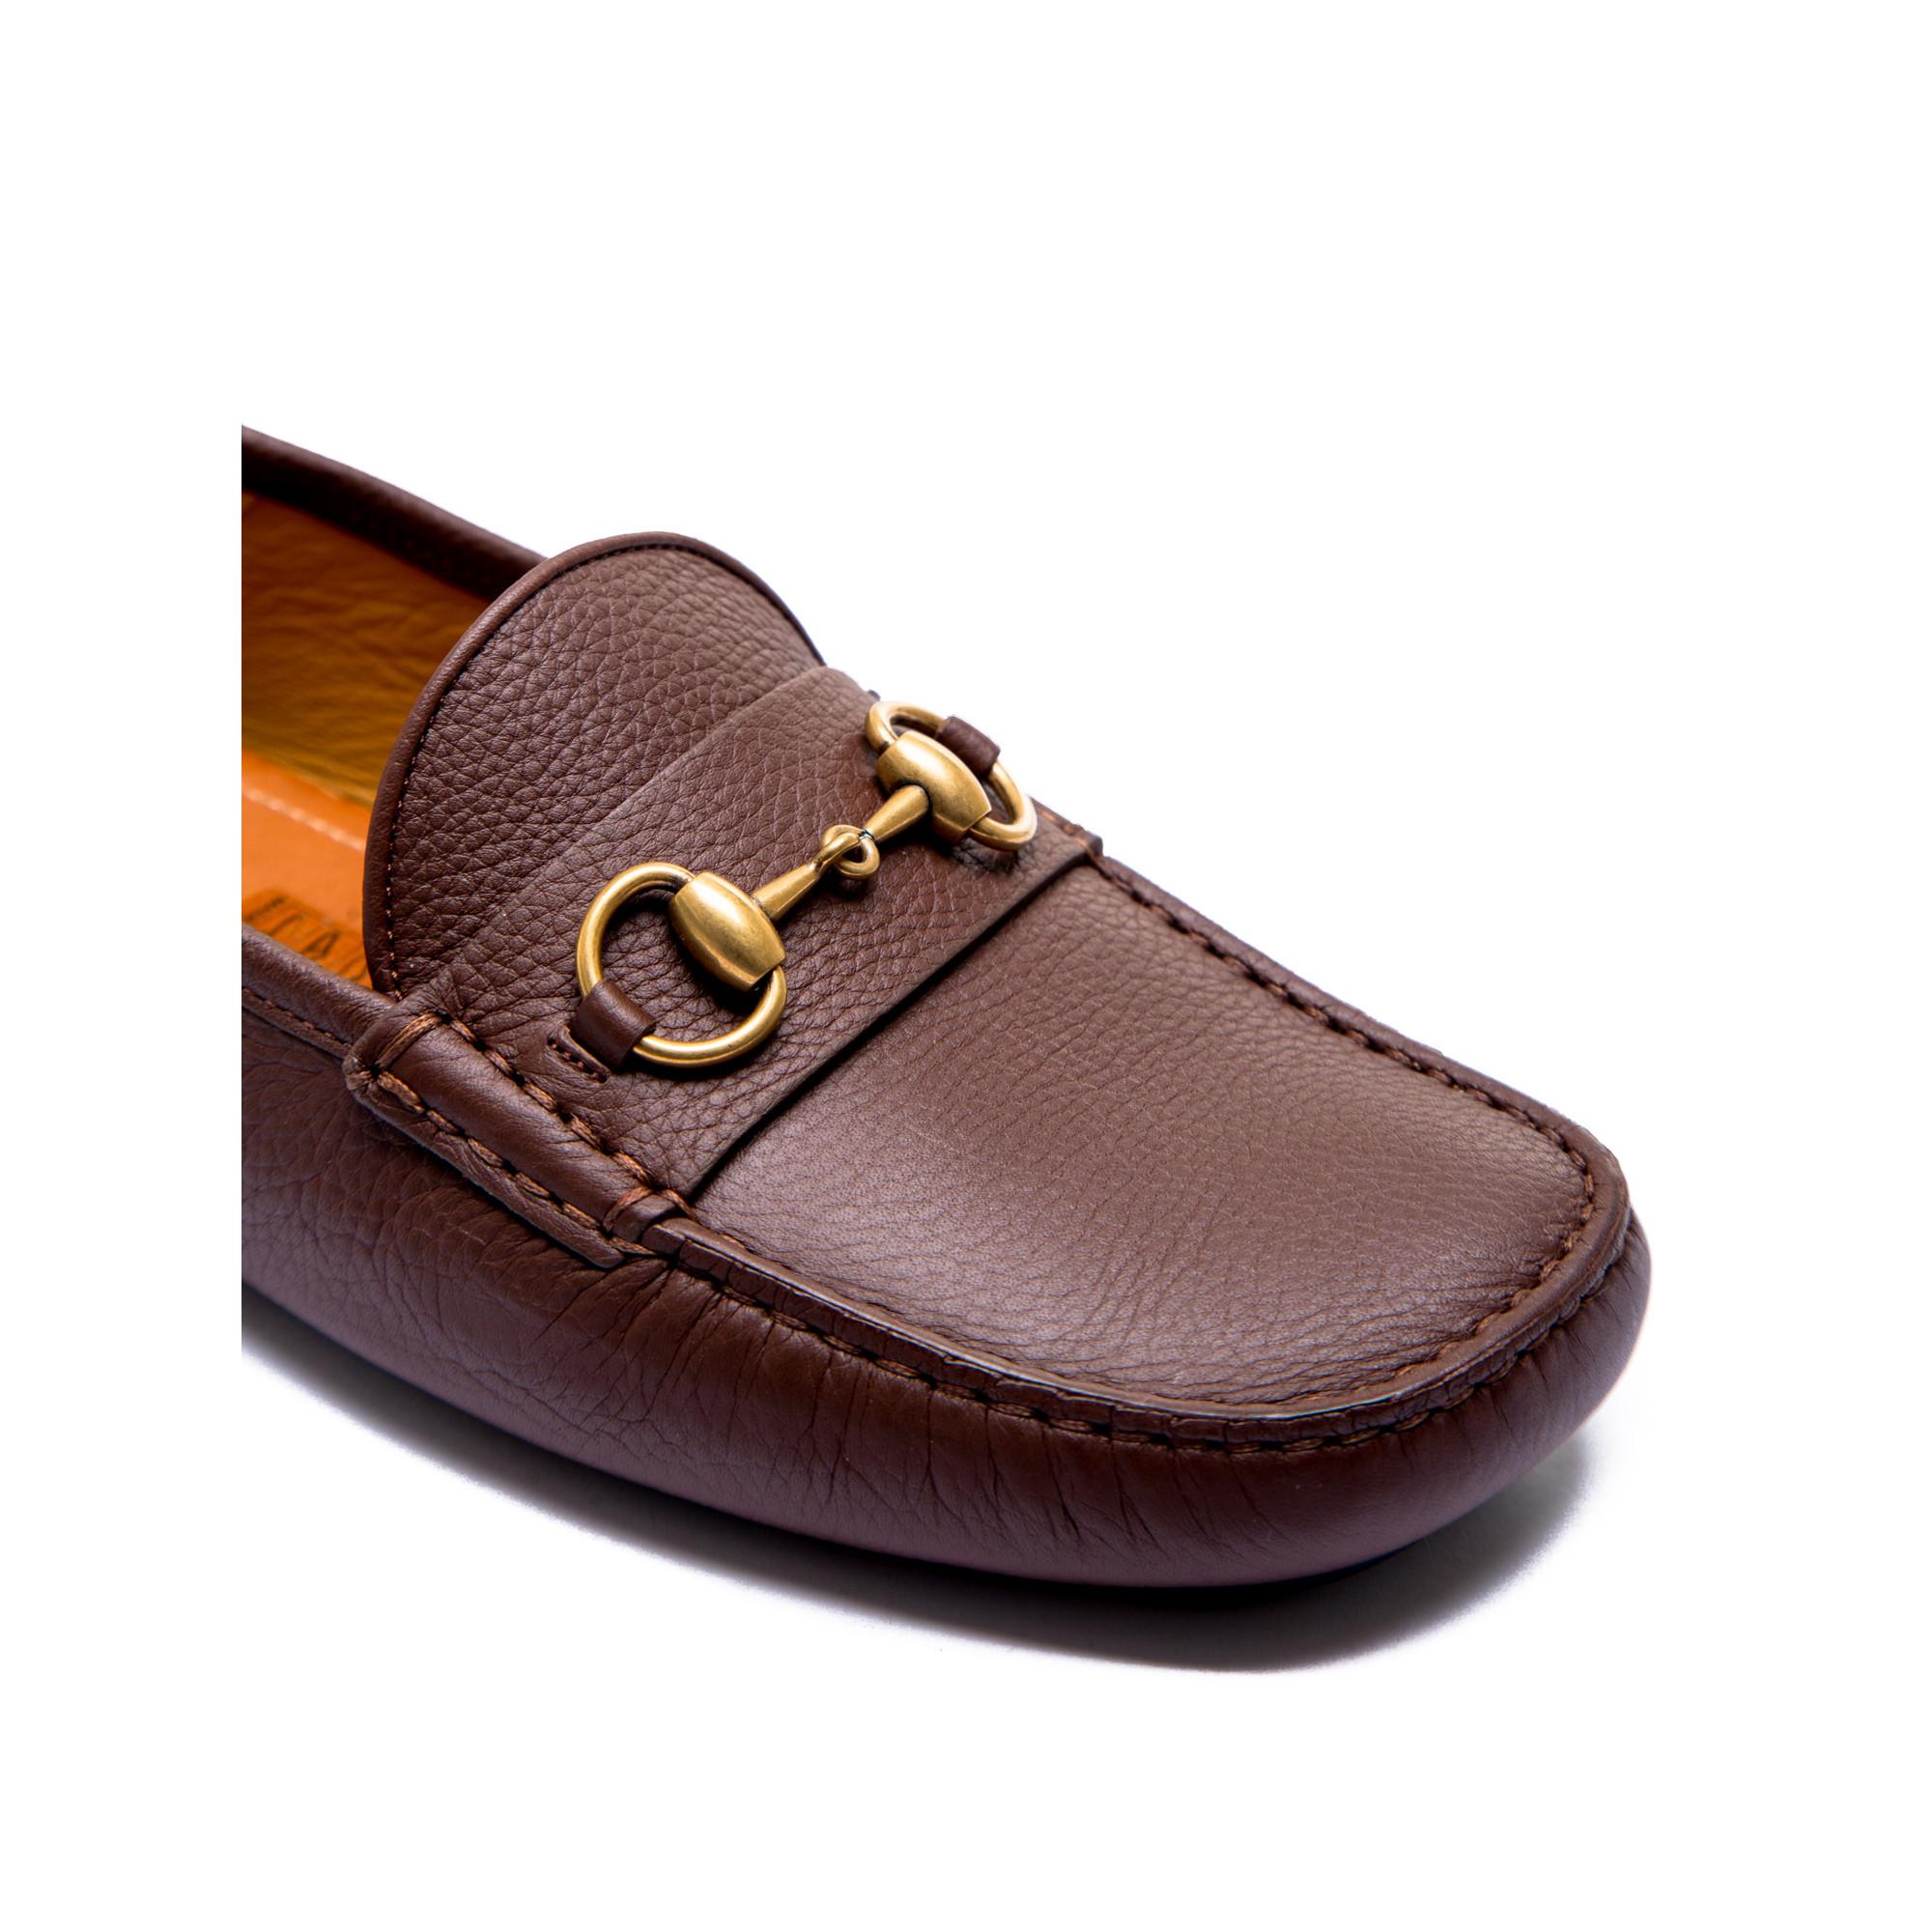 bd66b360899 ... Gucci moccasins bruin · Gucci moccasins bruin